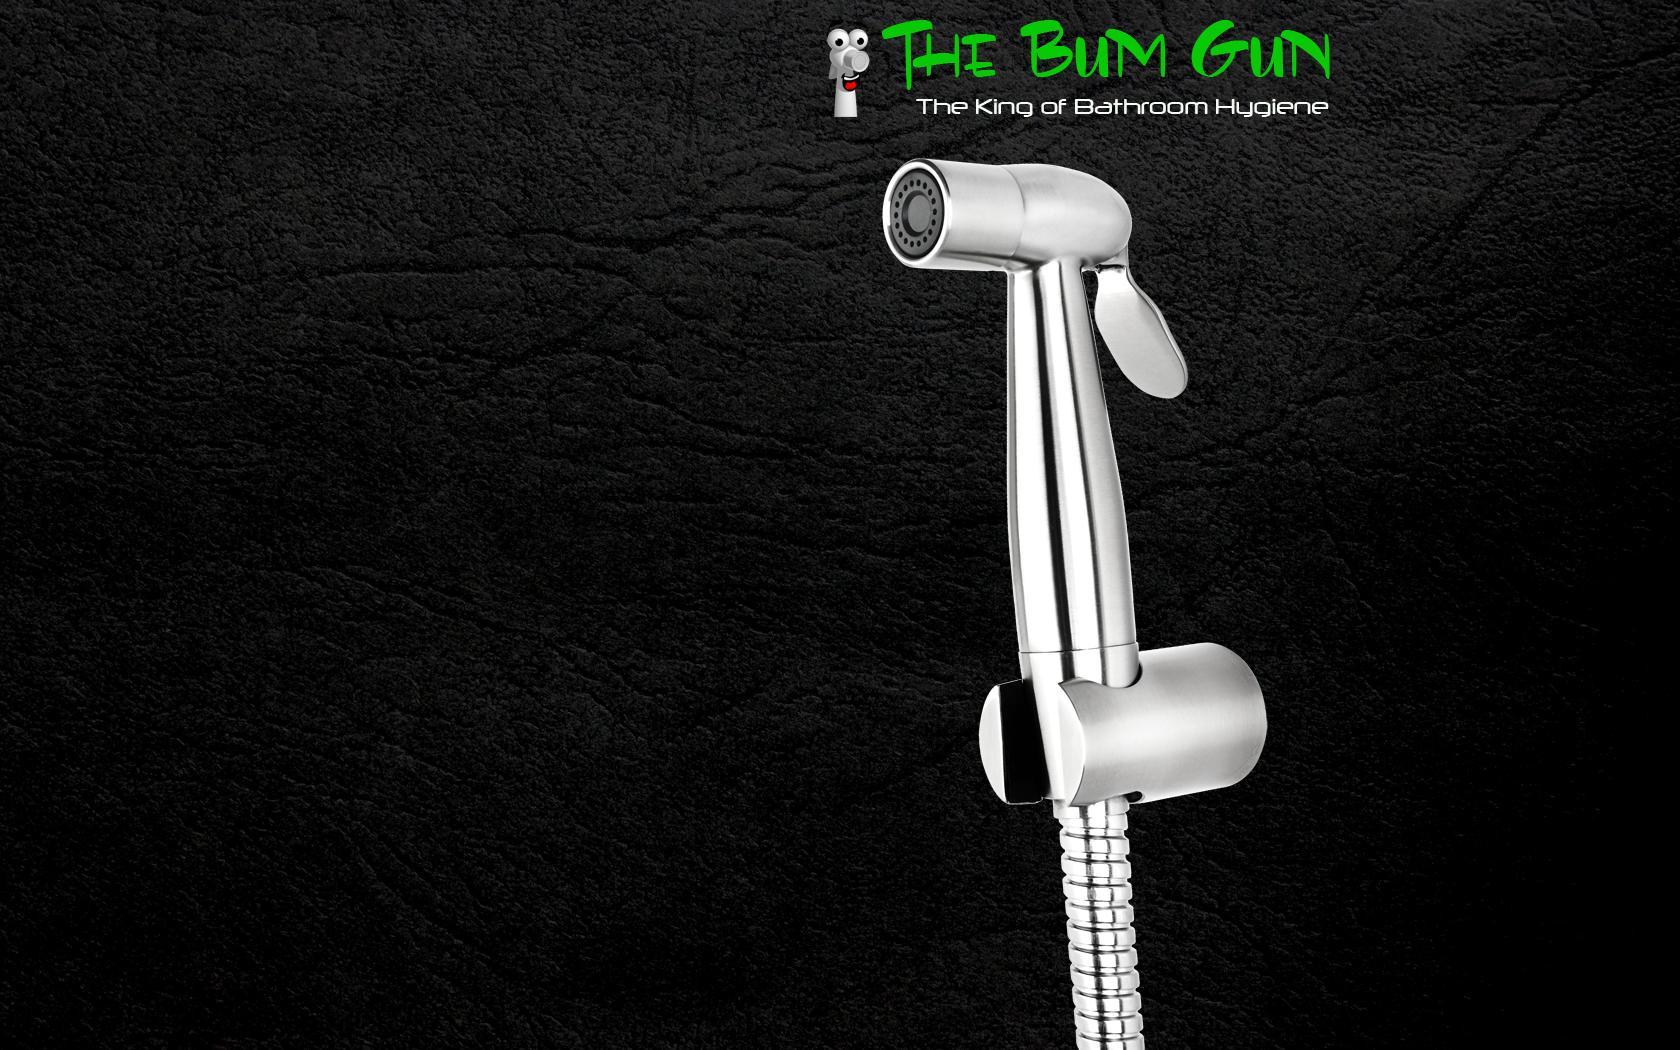 The Bum Gun